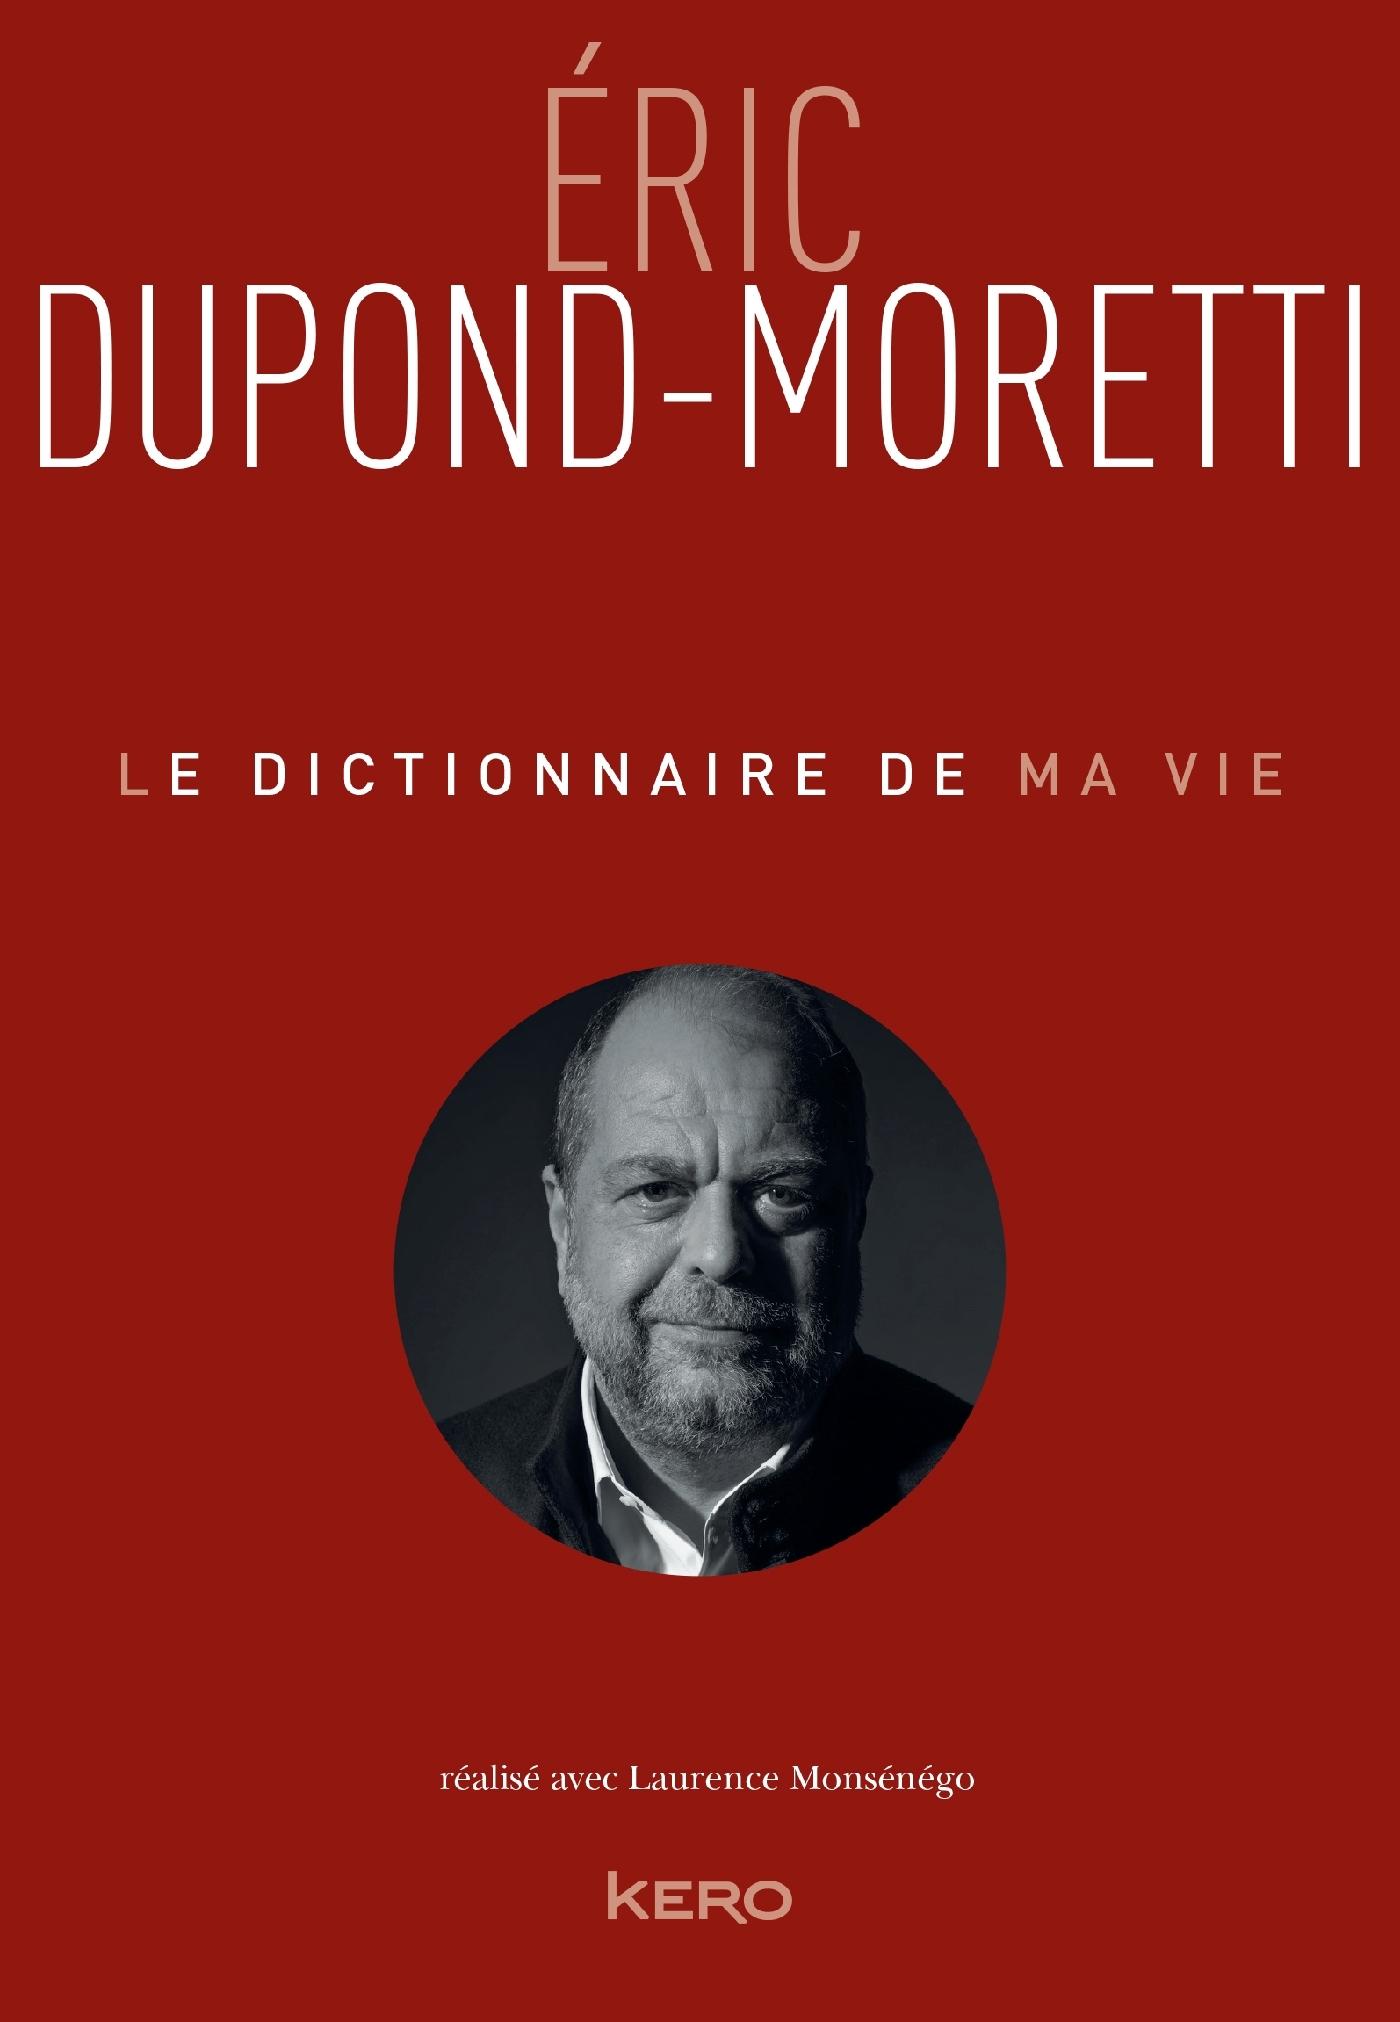 LE DICTIONNAIRE DE MA VIE - ERIC DUPOND-MORETTI